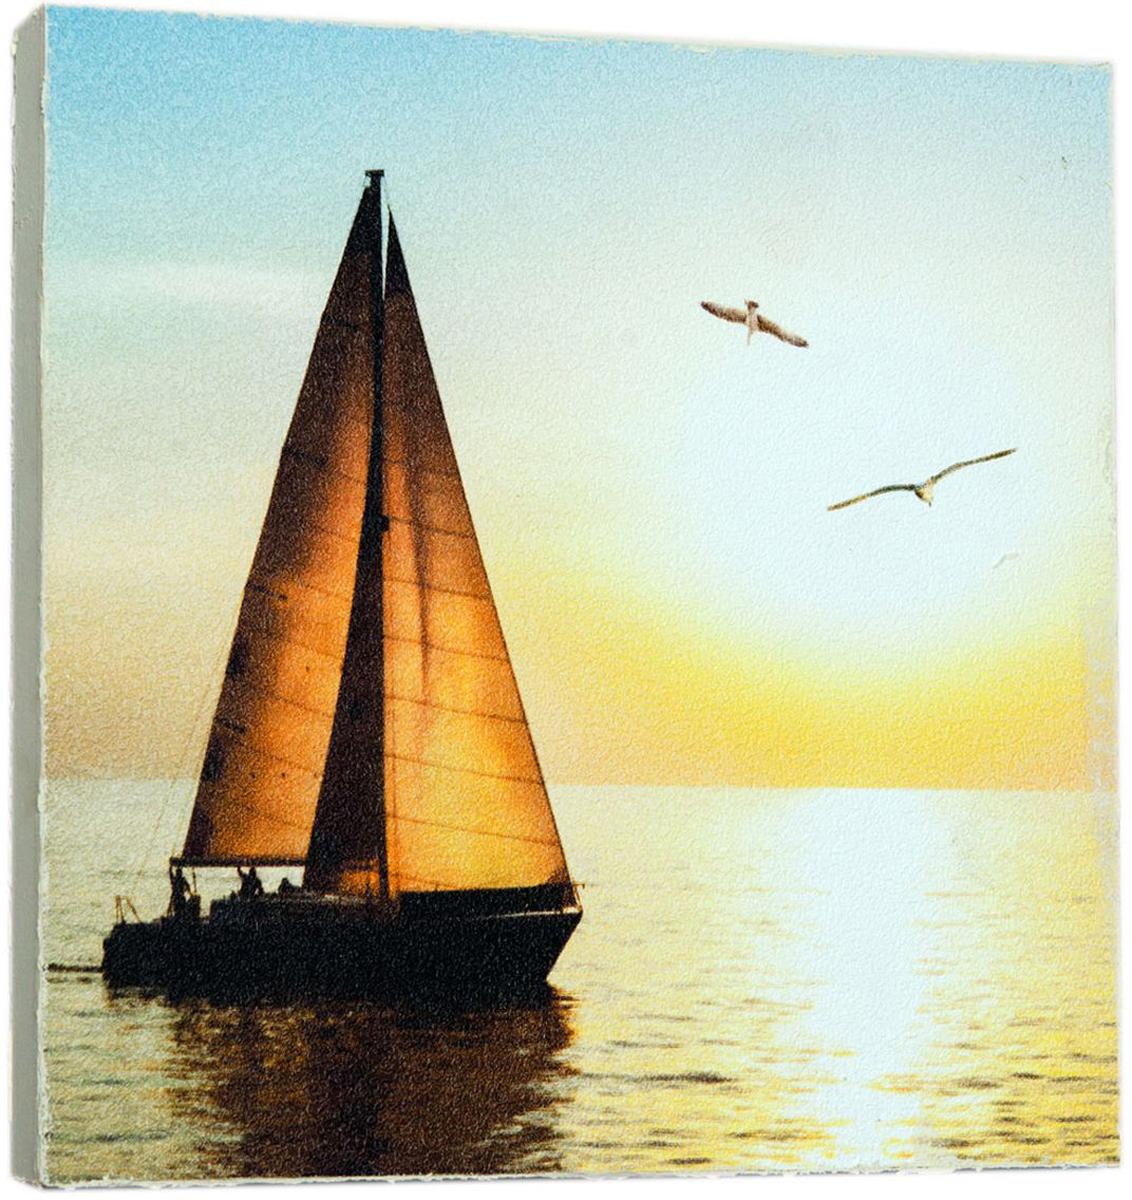 Картина Mister Poster Красивая яхта, 14,5 х 14,5 см0156-15-15Картина Mister Poster - это высококачественная репродукция на деревянной раме. Лицевая поверхность имитирует штукатурку или натуральный холст, края окрашены вручную специальным декоративным составом.Современные технологии, уникальное оборудование и оригинальные чернила, используемые при изготовлении, делают постер устойчивым к выцветанию, а также гарантируют стойкость к воздействию негативных внешних факторов. Интерьер дома и офиса, в котором находится человек, в значительной степени влияет на его настроение и работоспособность. Правильное оформление интерьера создает благоприятный психологический климат, улучшает настроение и мотивирует. Добавьте «красок» в ваш интерьер и, возможно, в вашу жизнь.